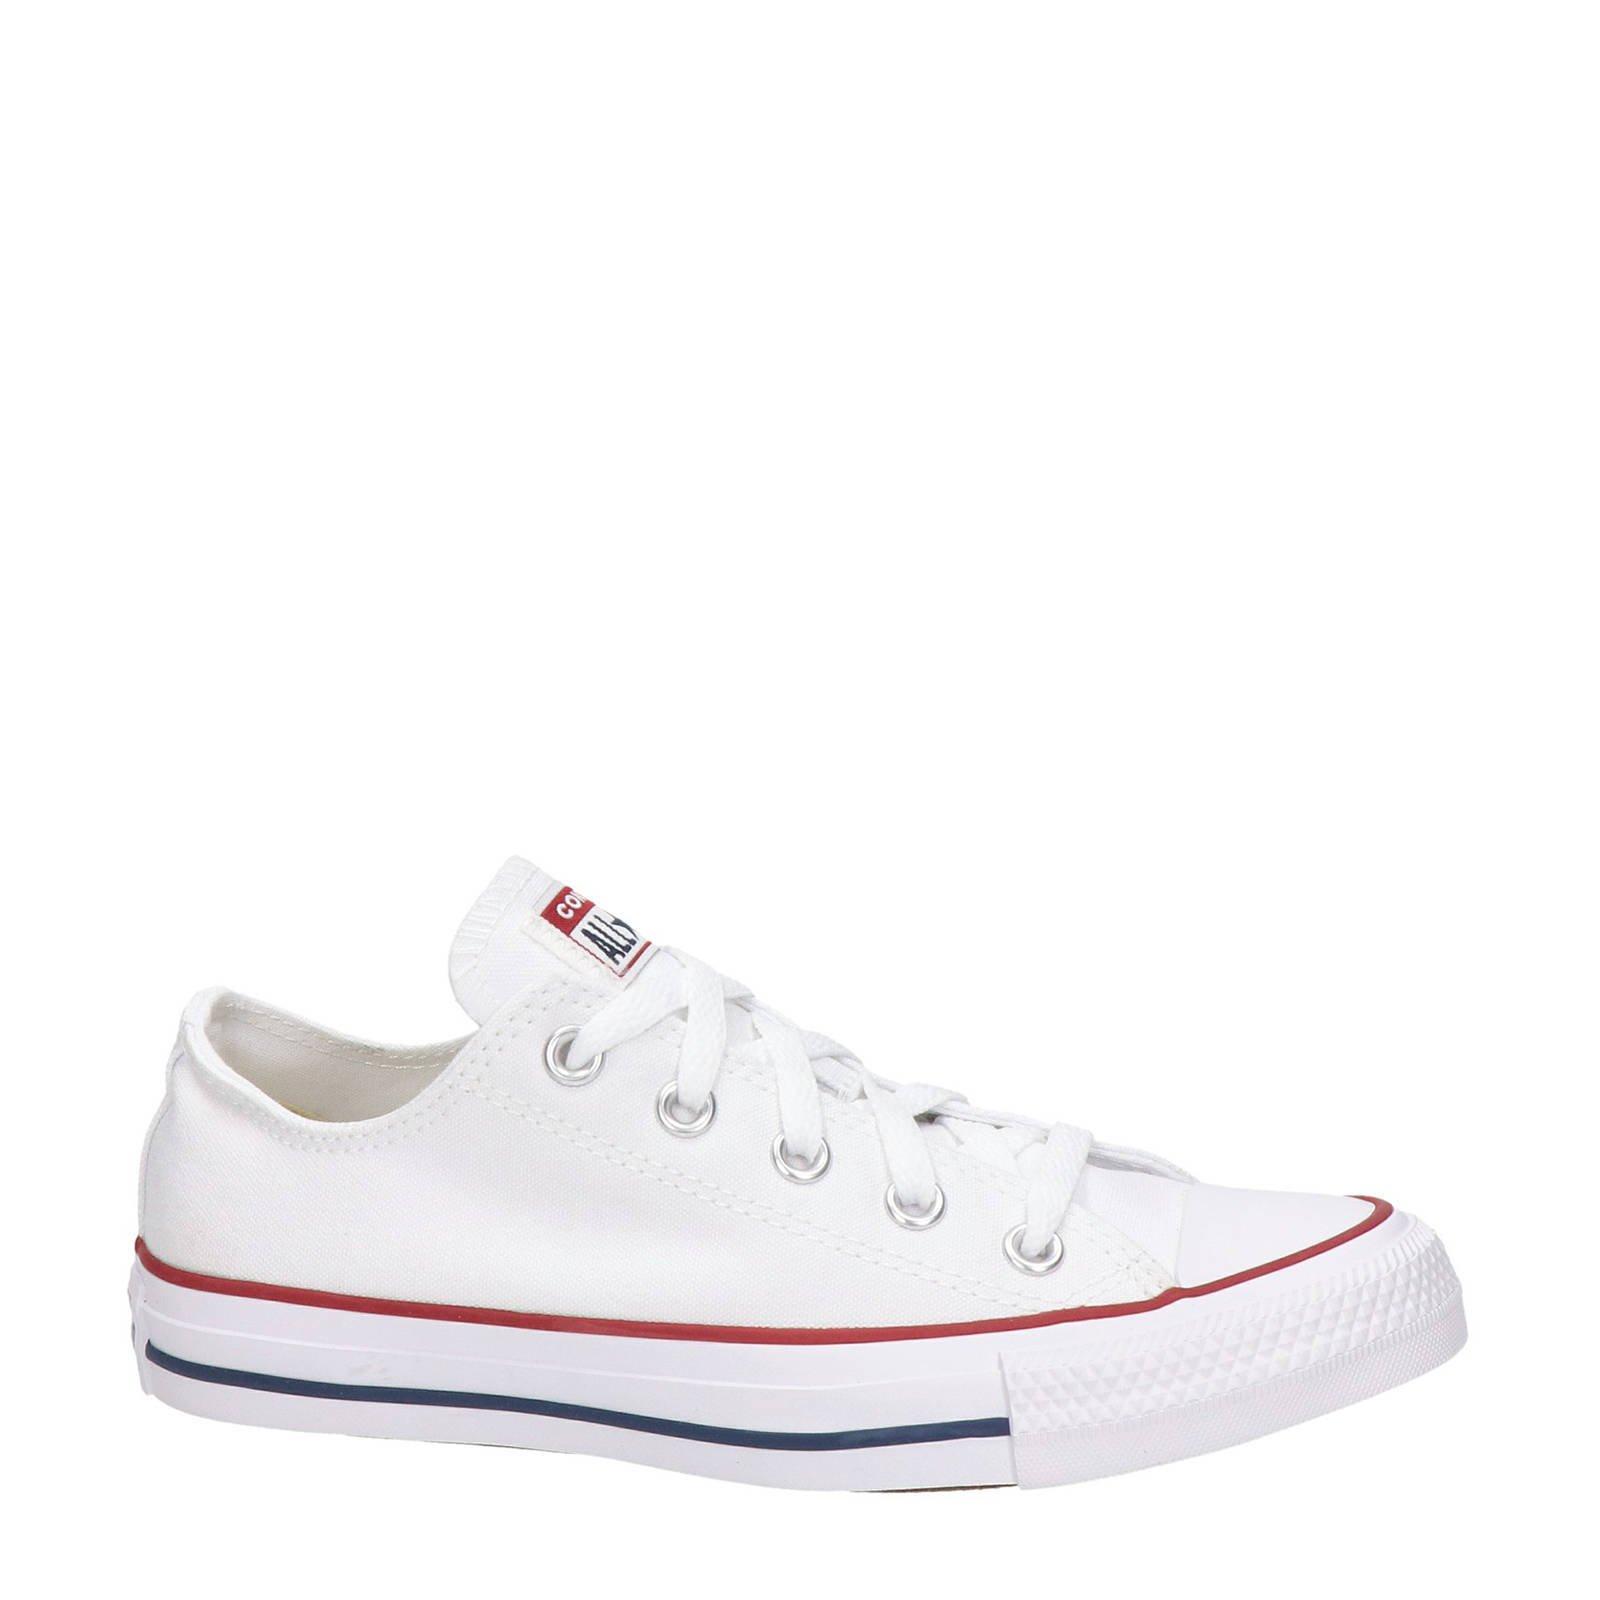 hoe vallen converse sneakers